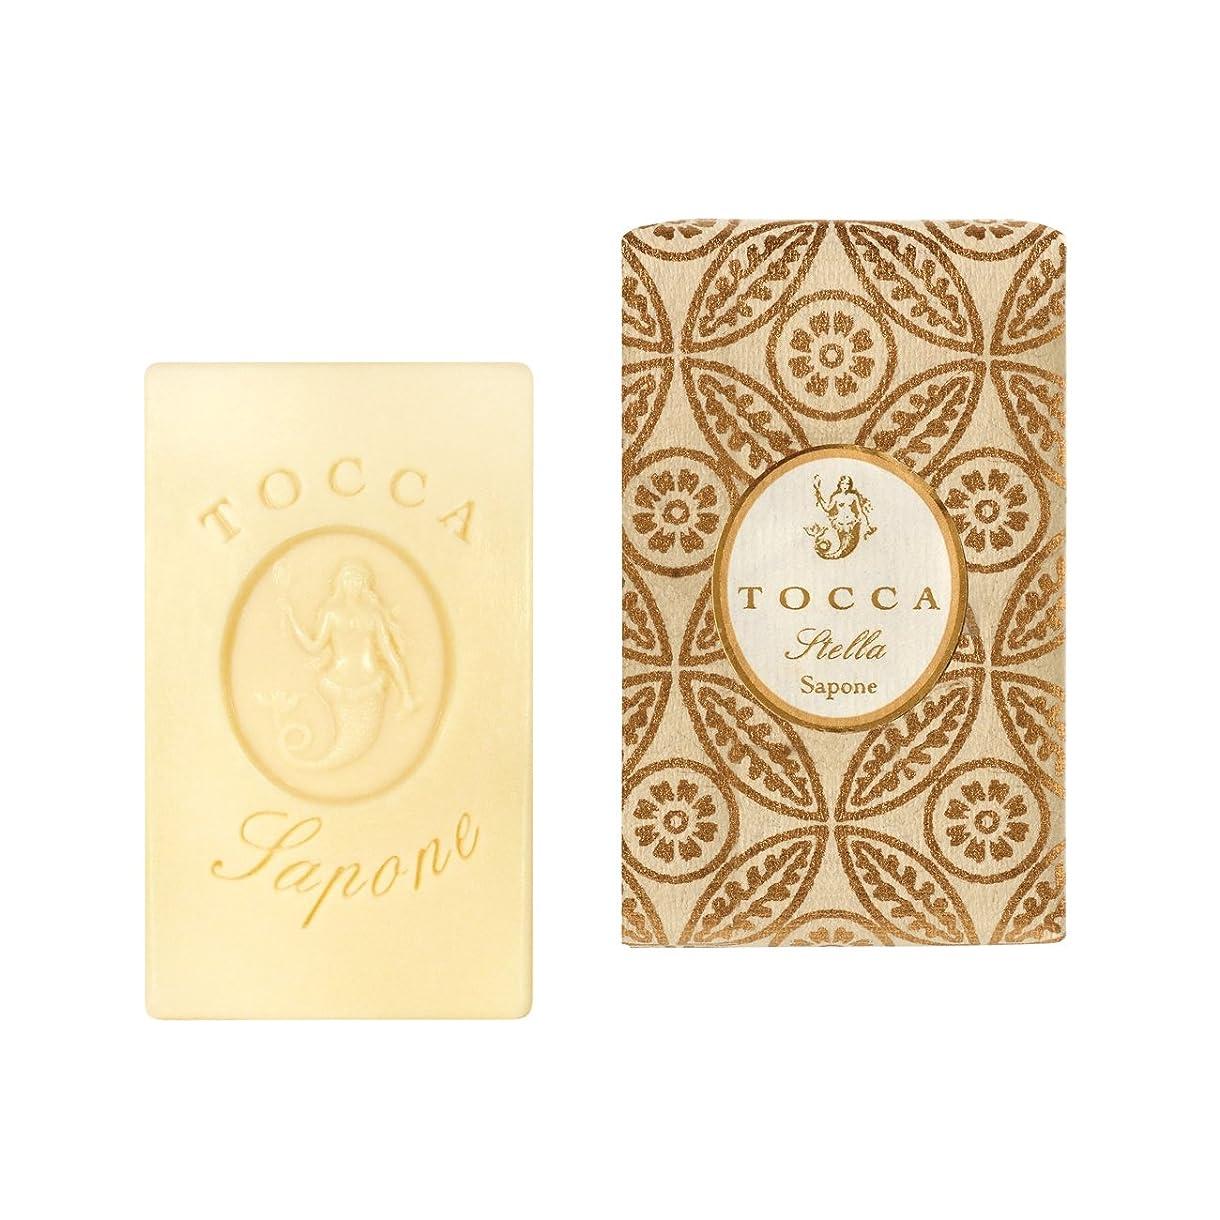 調子メッシュ鎖トッカ(TOCCA) ソープバー ステラの香り 113g(石けん 化粧石けん イタリアンブラッドオレンジが奏でるフレッシュでビターな爽やかさ漂う香り)